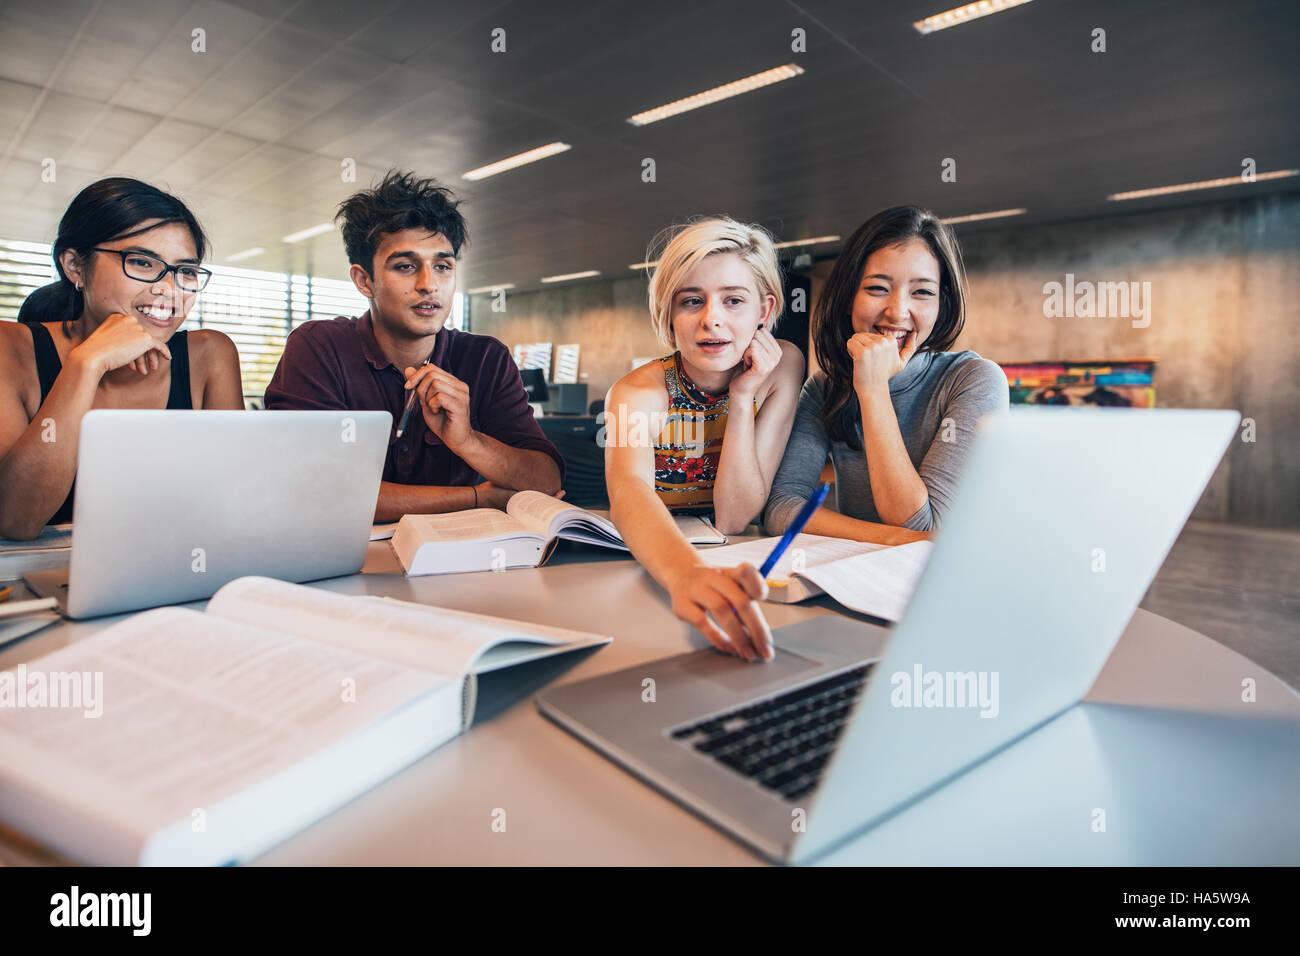 College-Studenten mit Laptop beim Sitzen am Tisch. Gruppe Studie für Schule Zuordnung. Stockbild